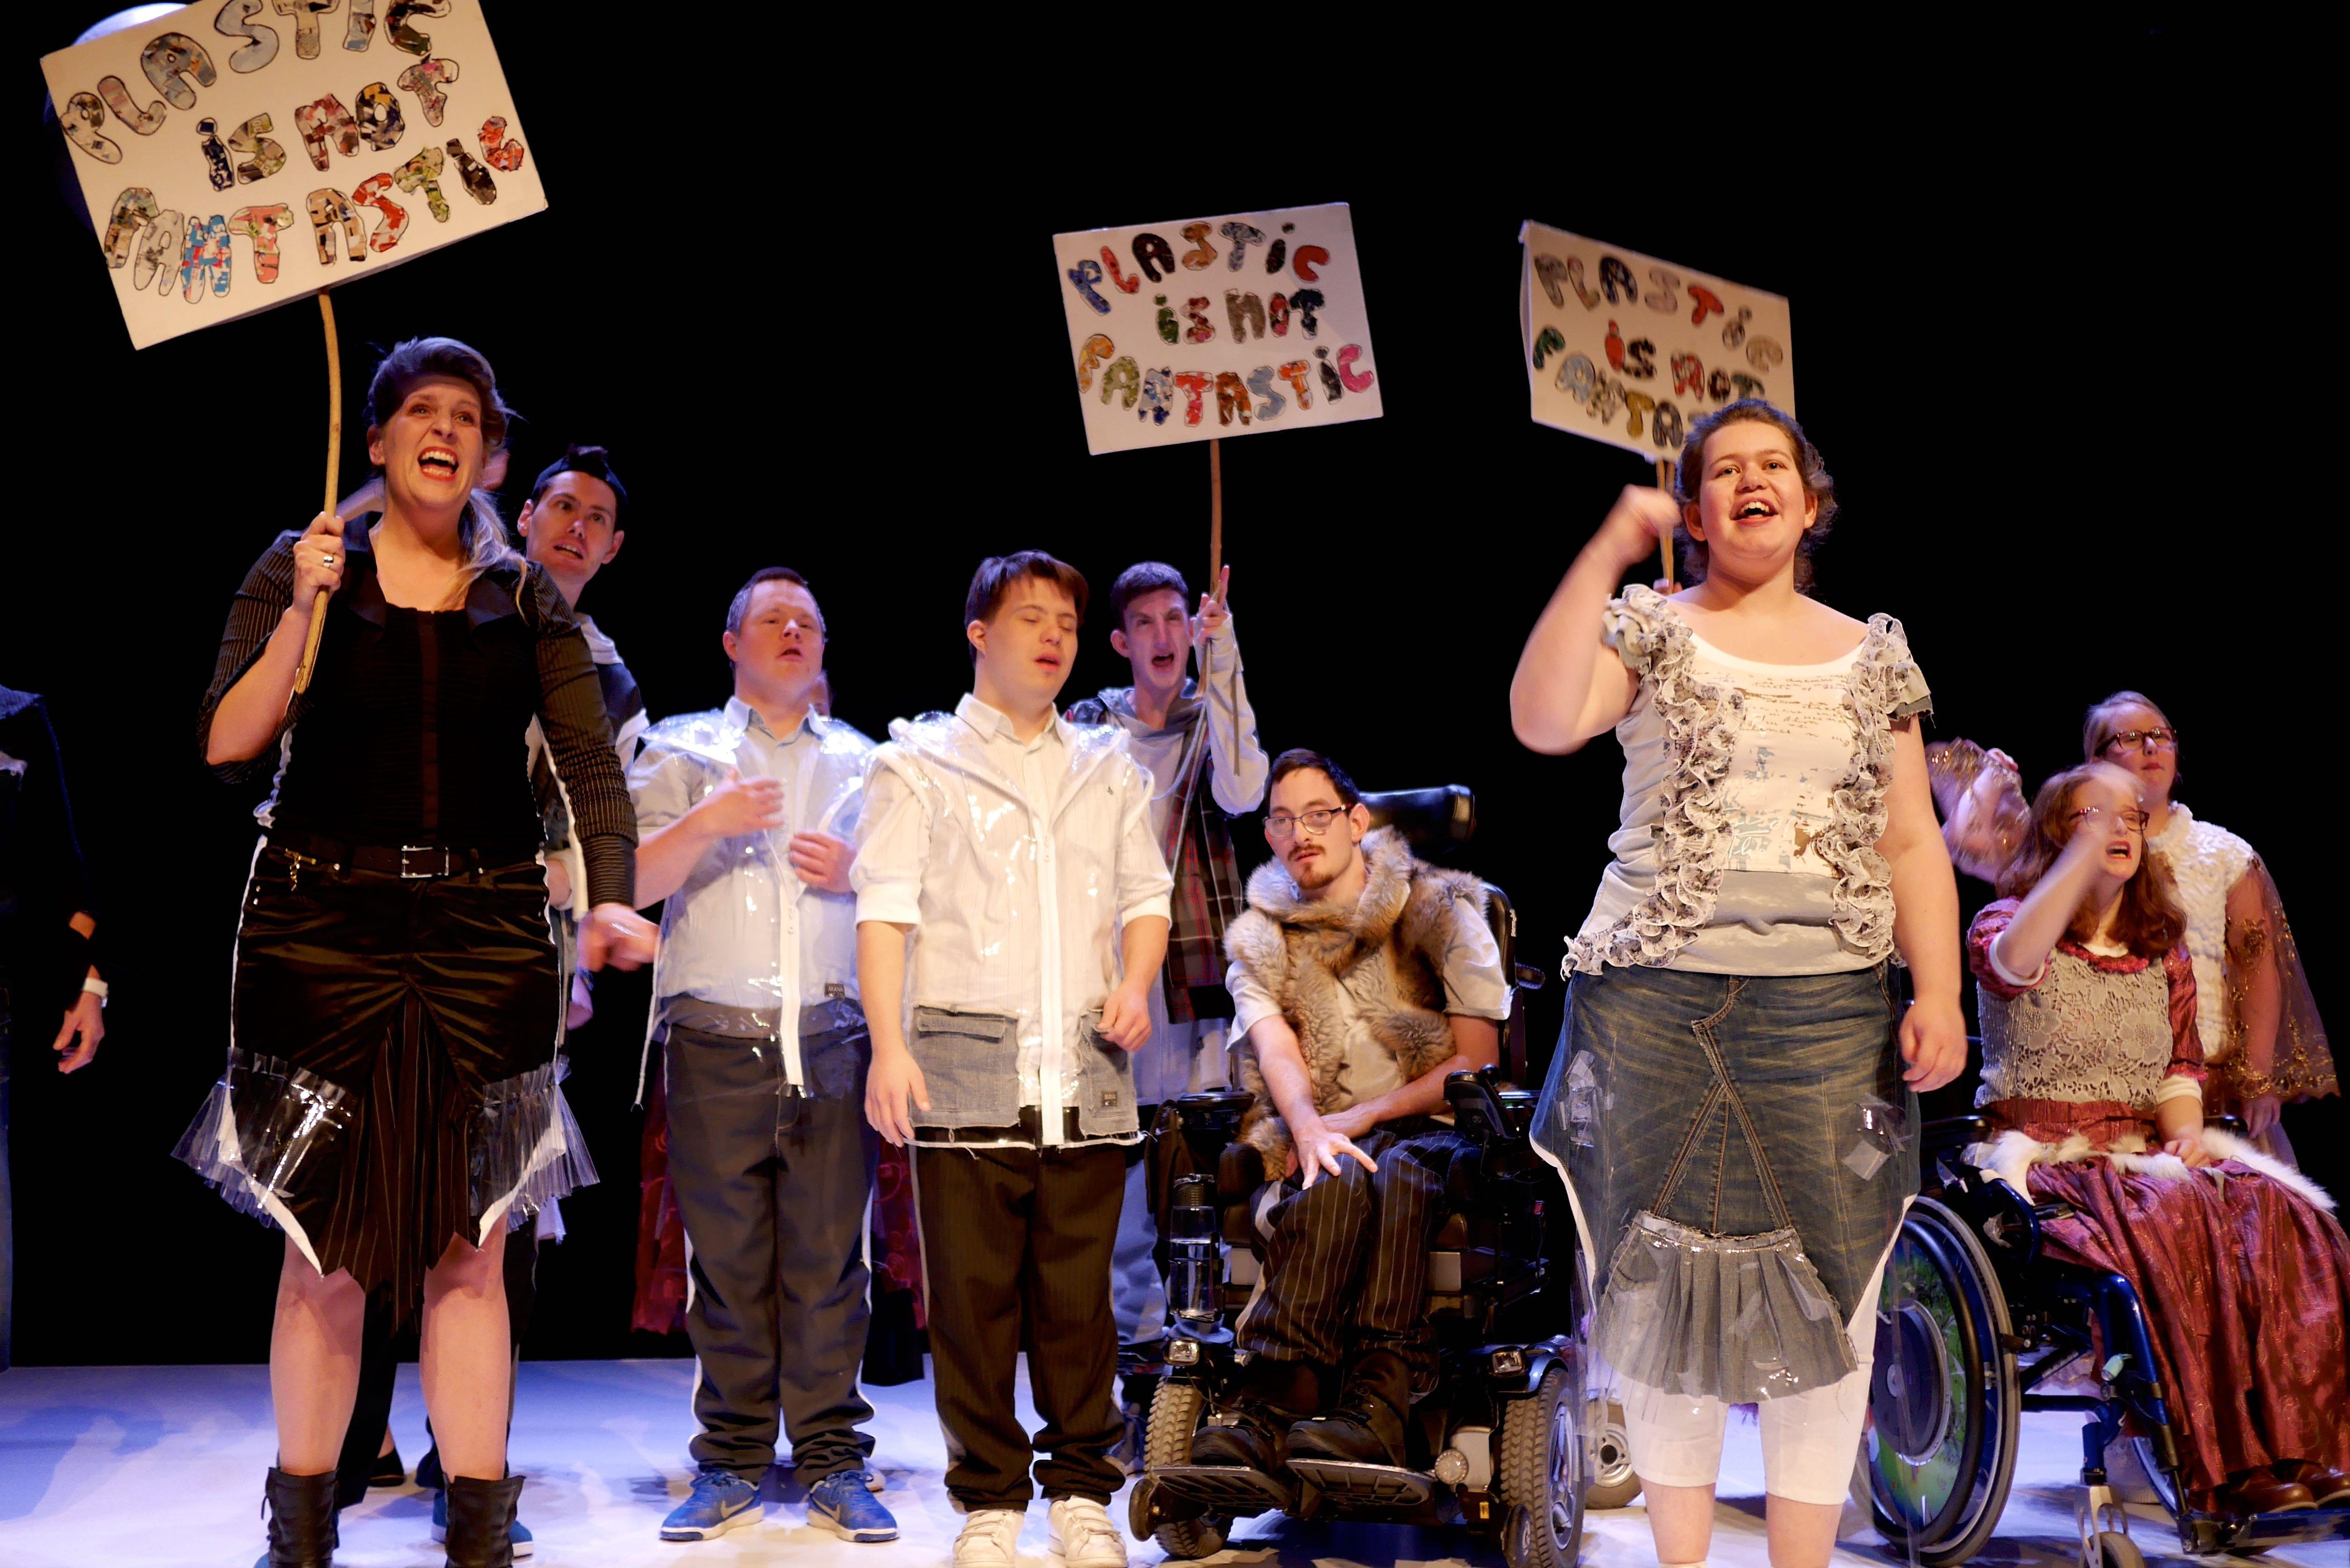 Het theatercongres Fier! wordt gespeeld door acteurs met een beperking en gastacteurs uit de regio. (Foto: Anke Purmer)